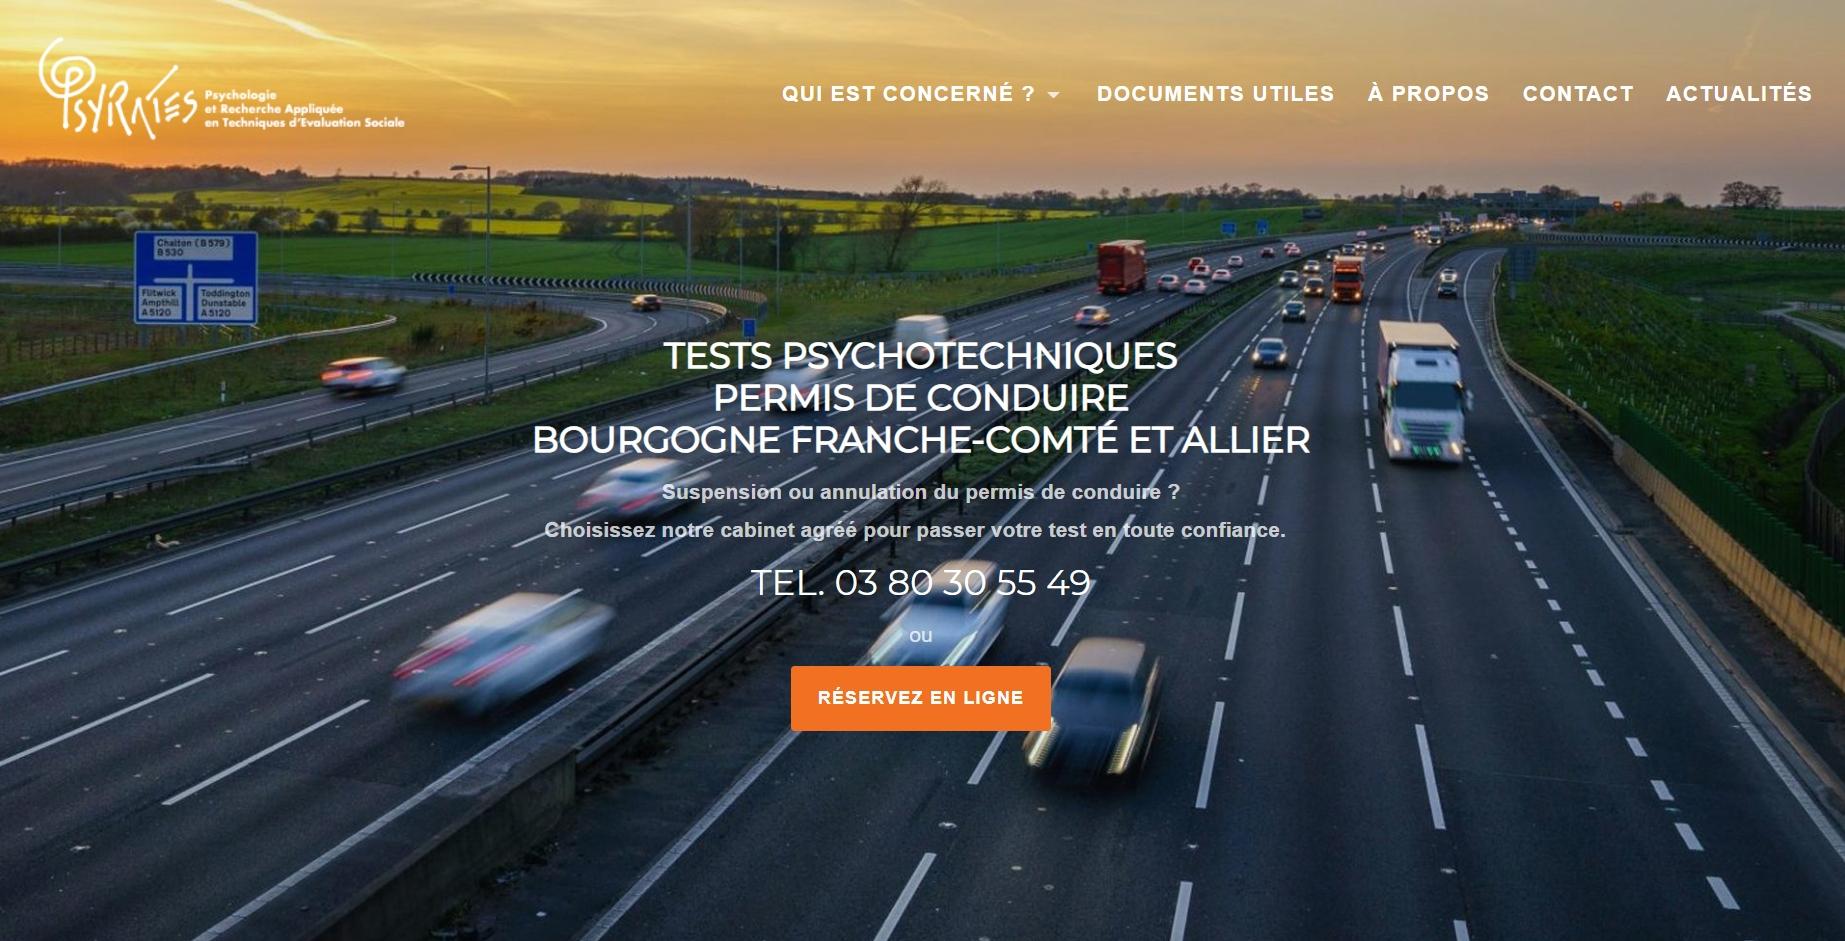 Tests Psychotechniques Permis de Conduire